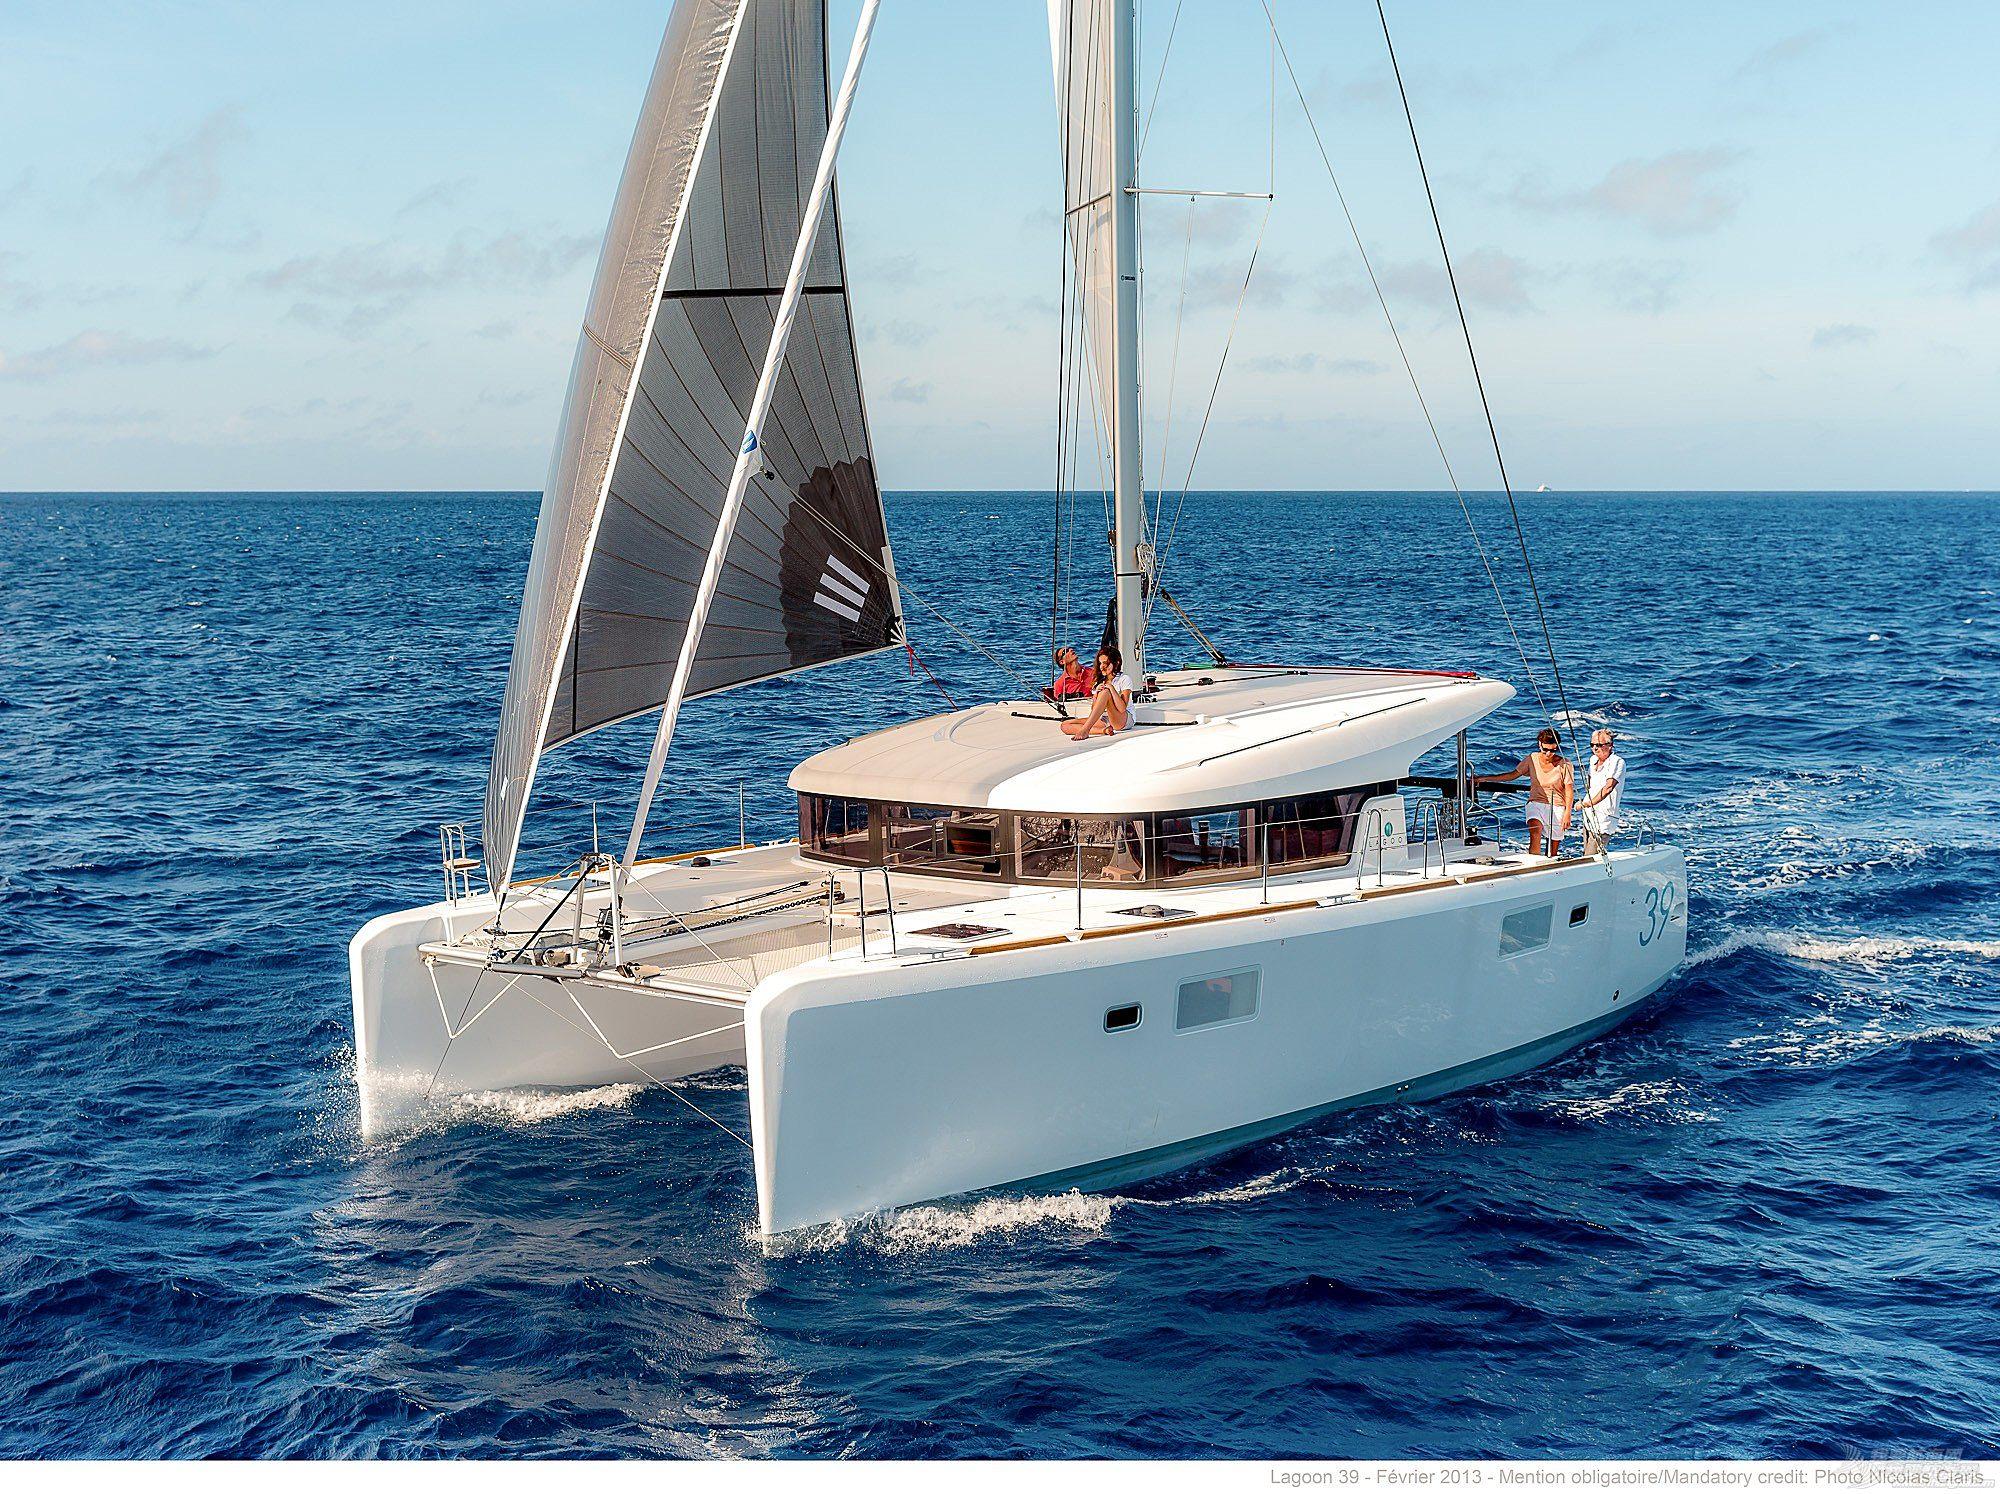 帆船 lagoon 39 蓝高39双体帆船